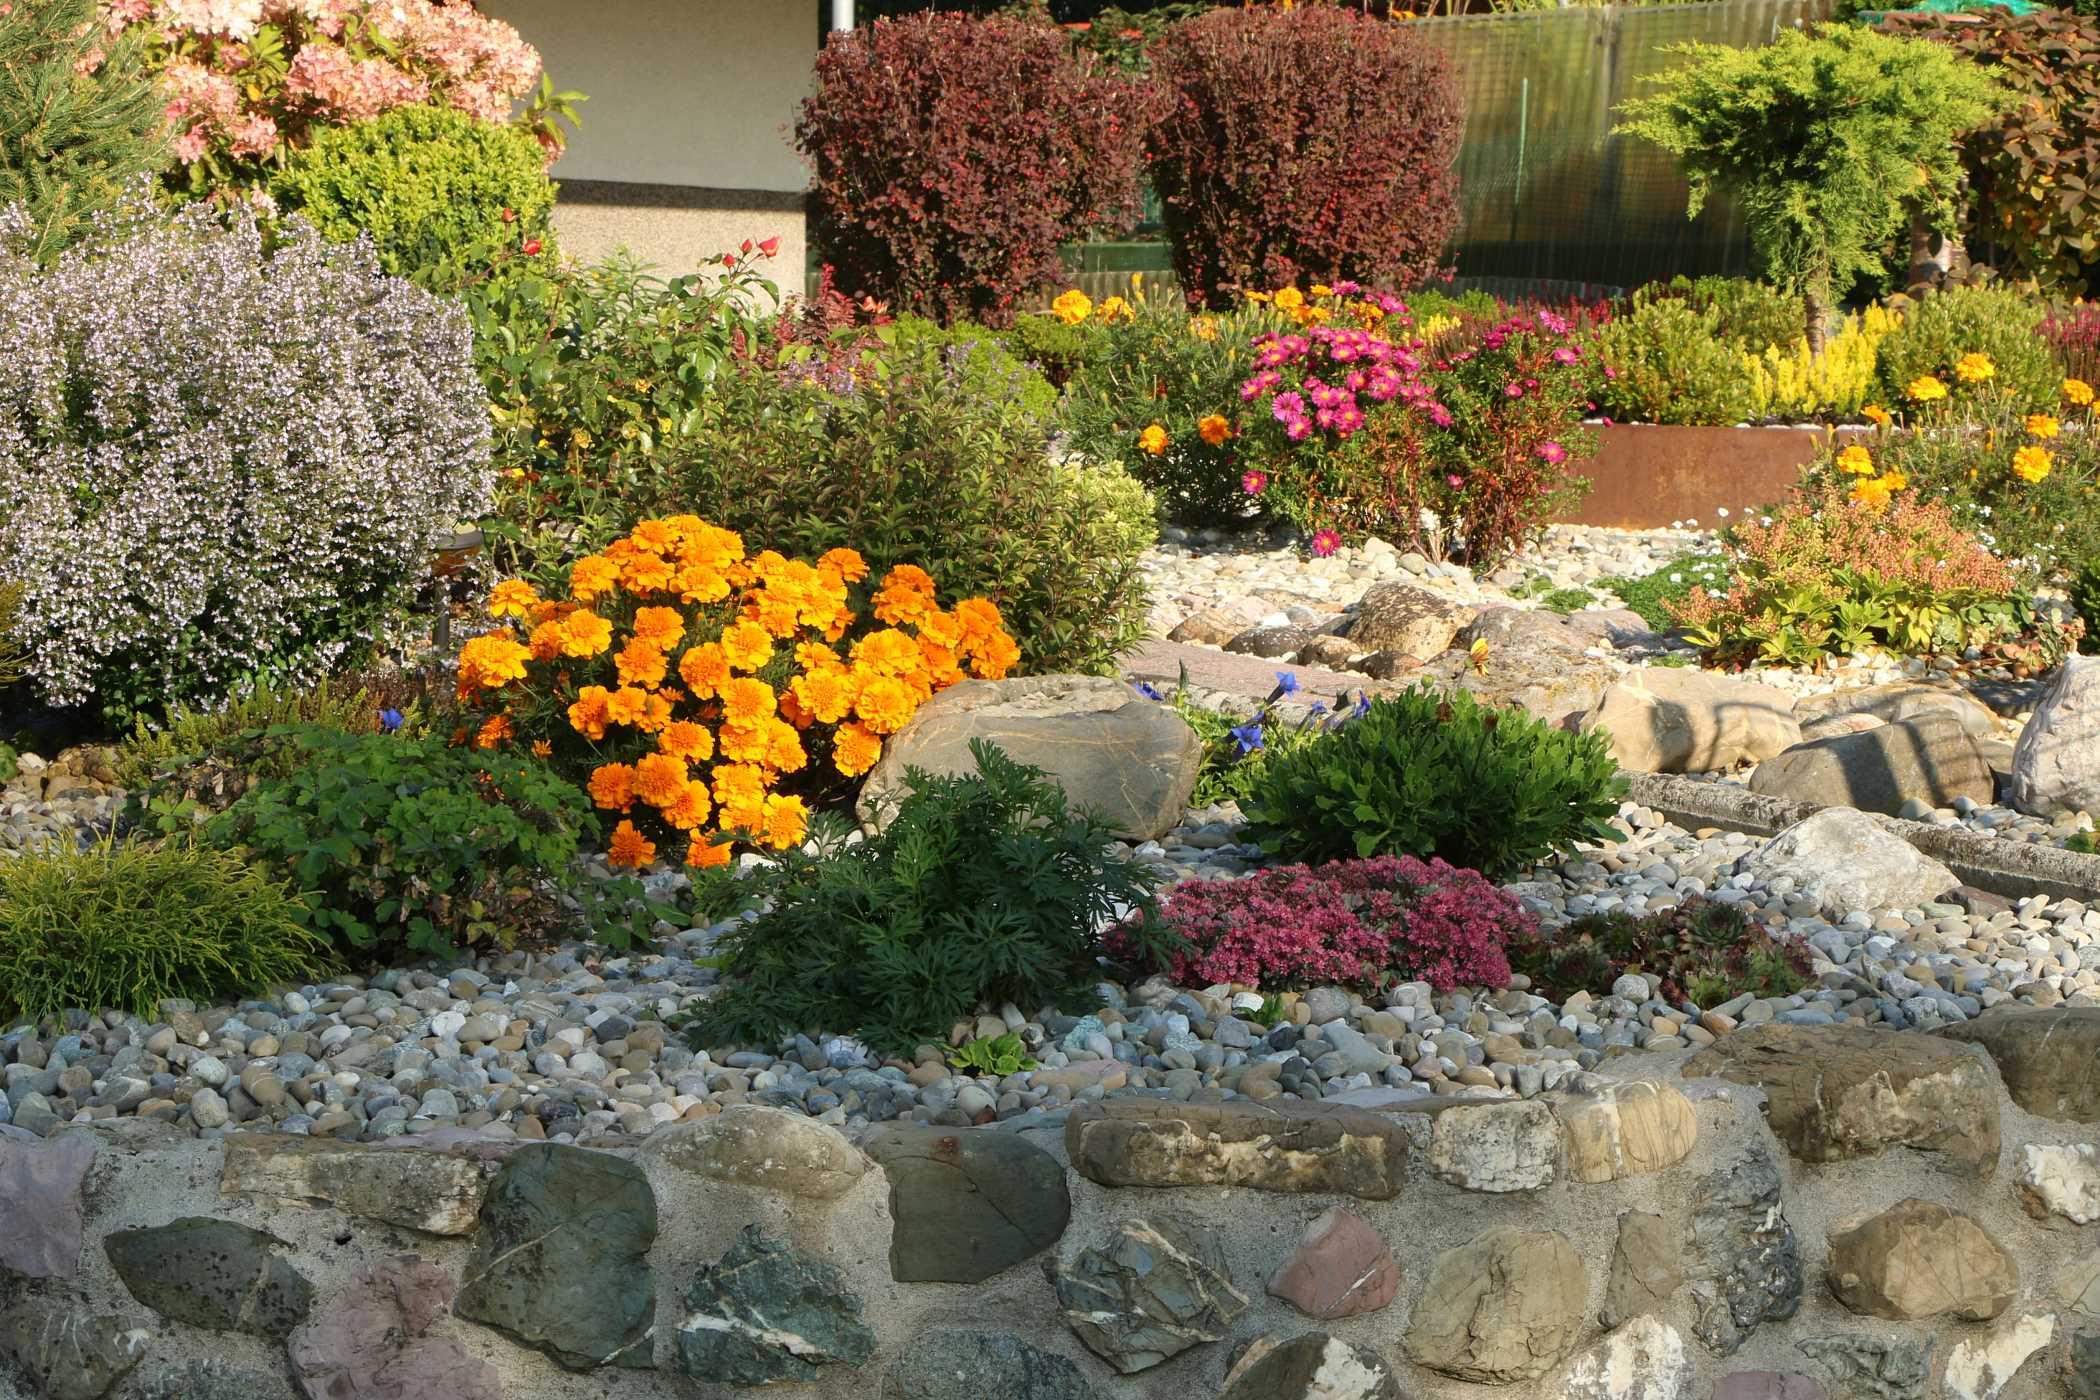 Kwiaty Na Skalniak Ogrodowy Co Wybrac Ktore Kwiaty Sprawdza Sie Najlepiej